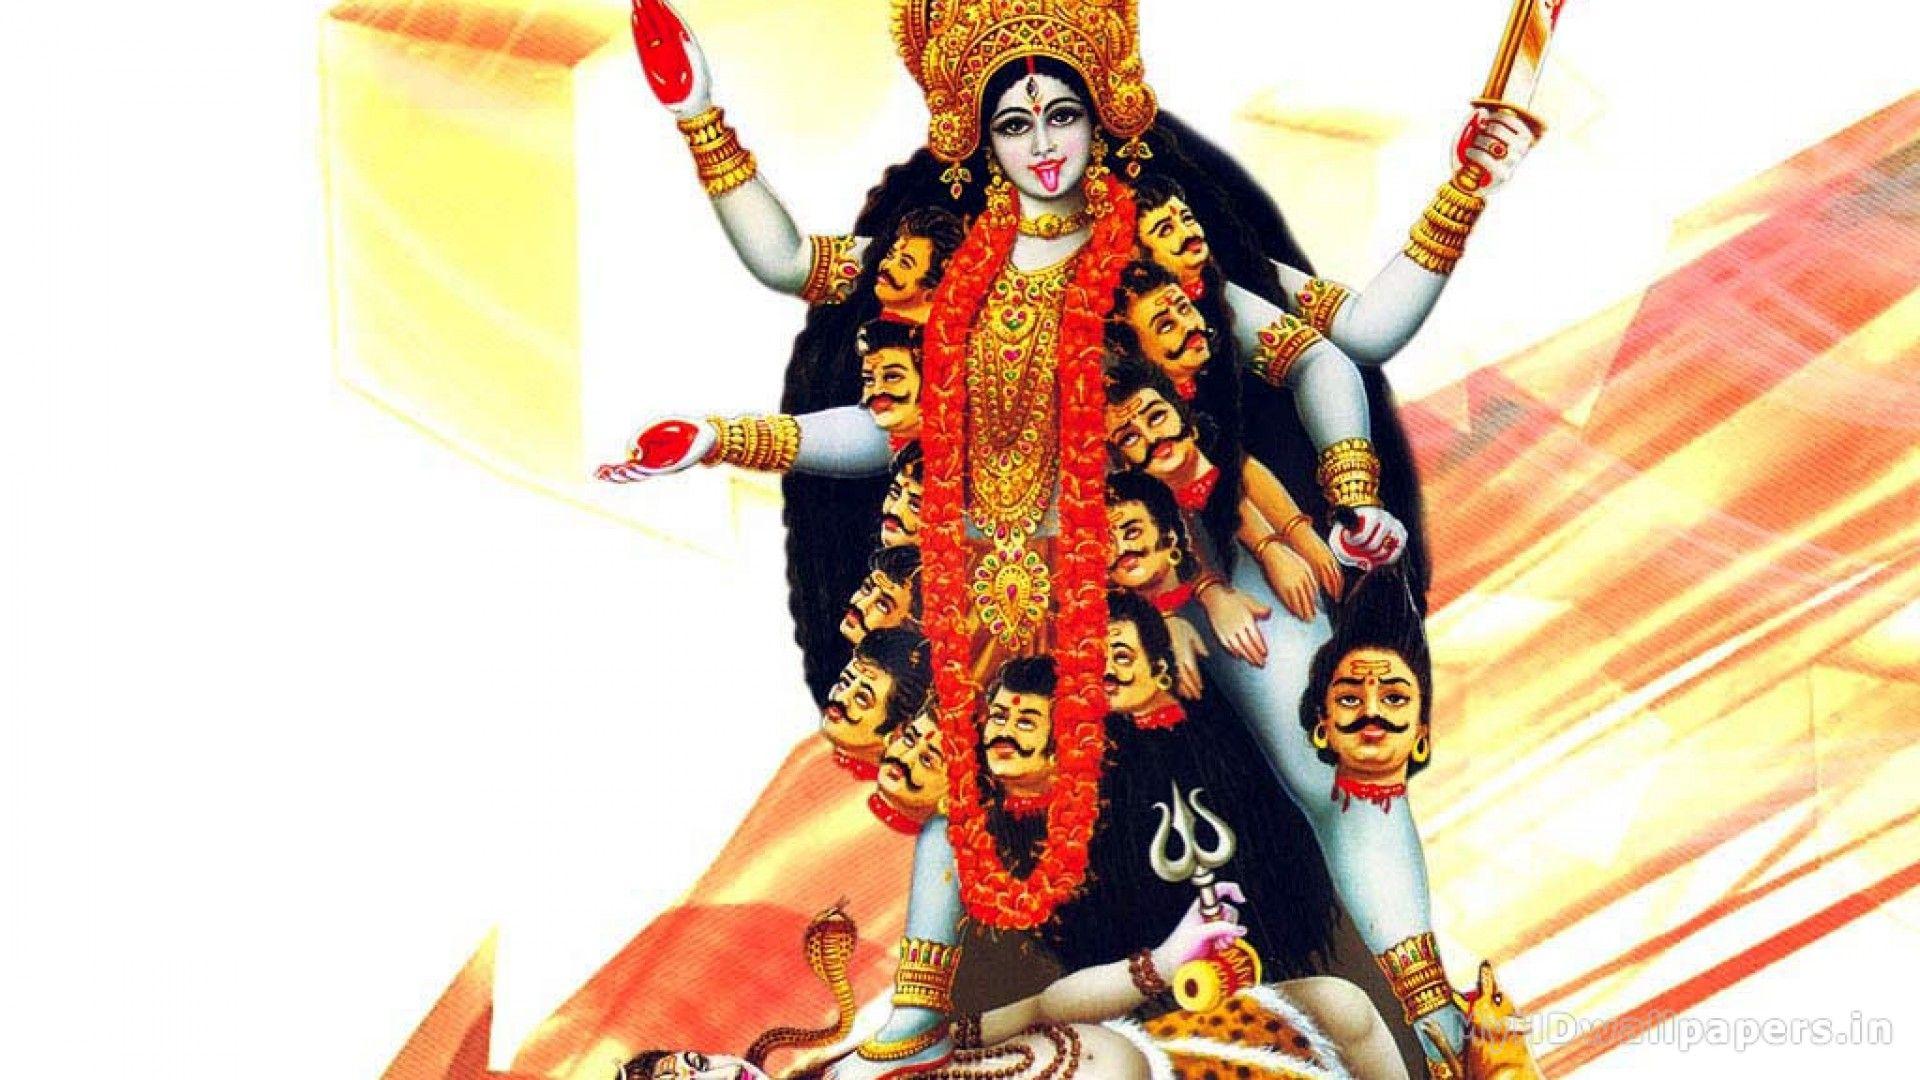 Top Wallpaper Lord Kali - 533428ff7072cb650306b04f20ec15d1  Trends_30784.jpg